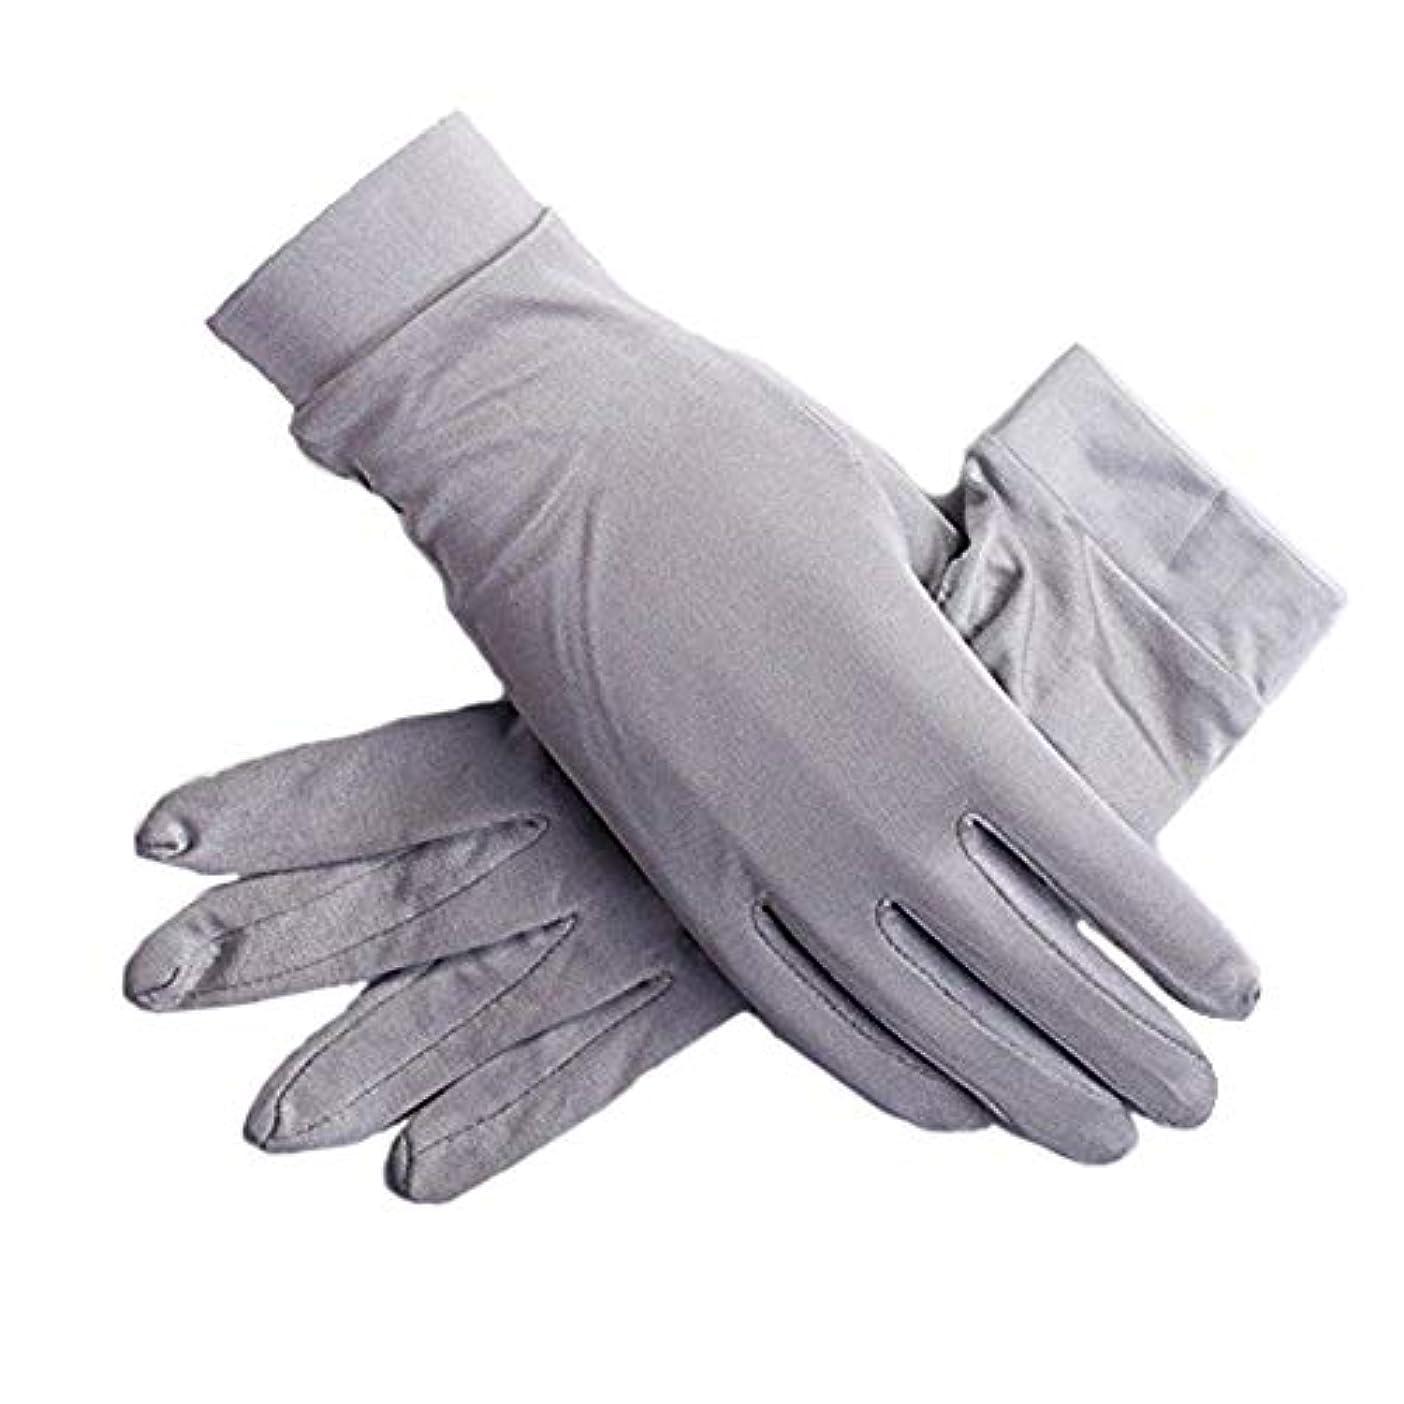 叫ぶ知覚する地平線メンズ シルク手袋 手袋 シルク おやすみ 手触り夏 ハンド ケア レディース日焼け防止 が良い 紫外線 保湿